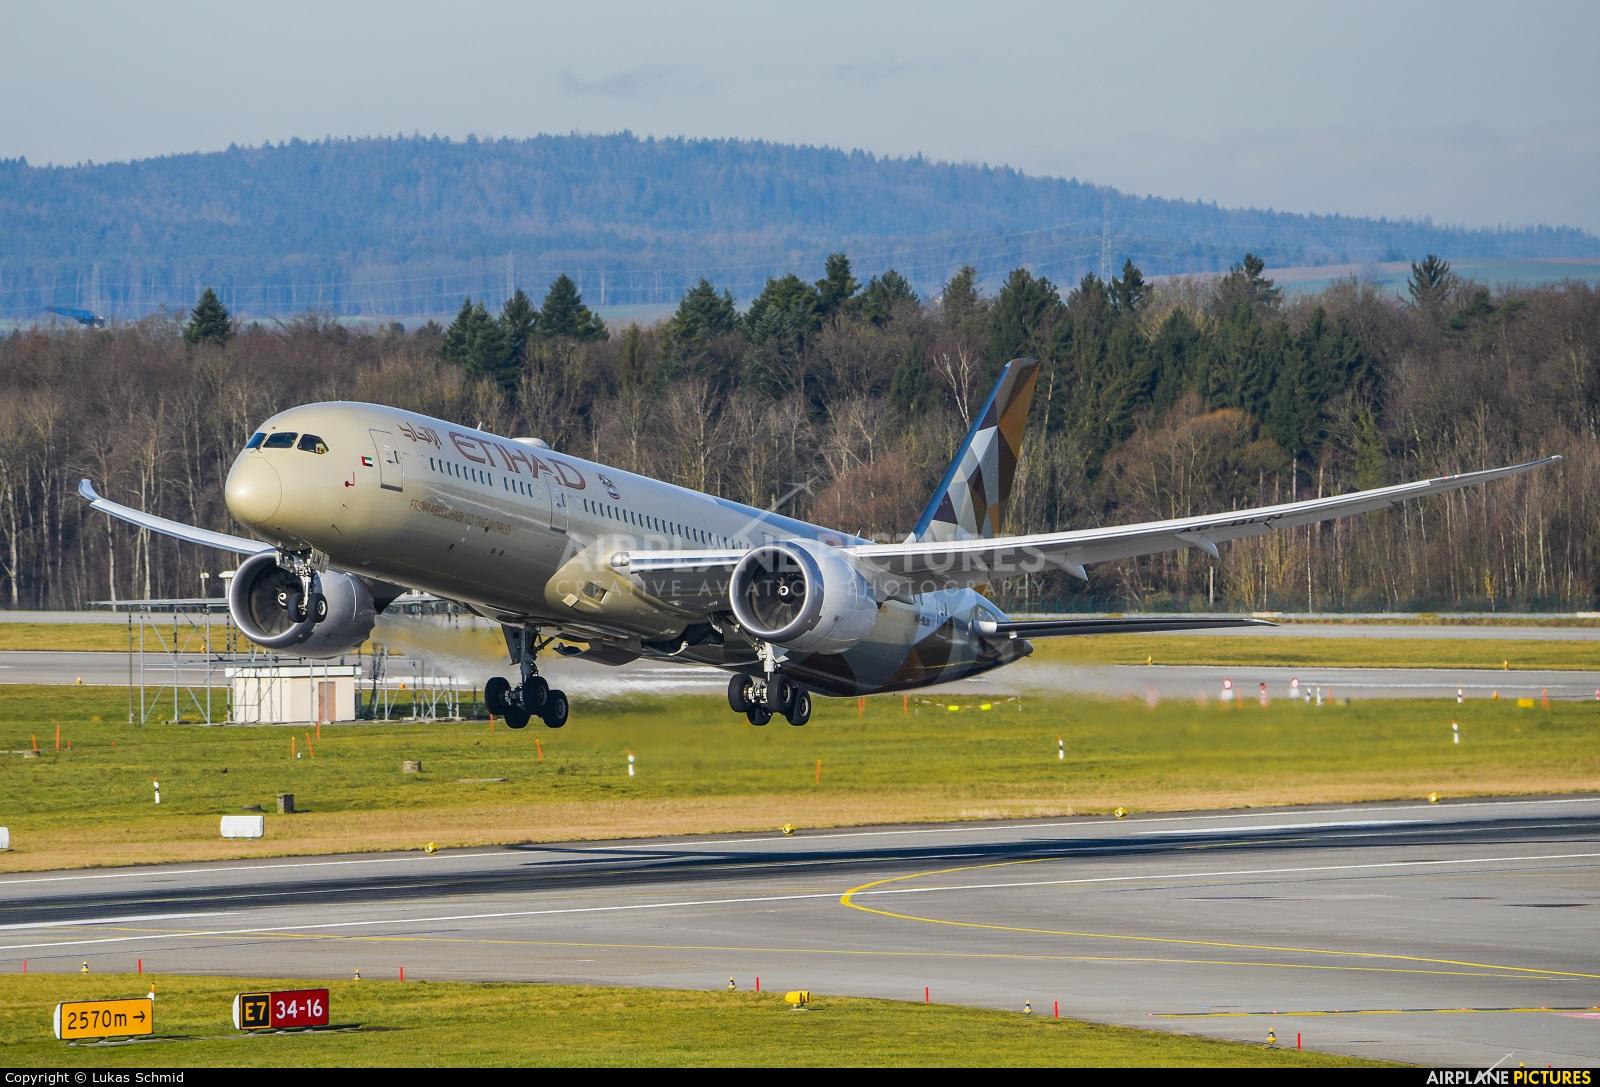 Etihad Airways A6-BLN aircraft at Zurich